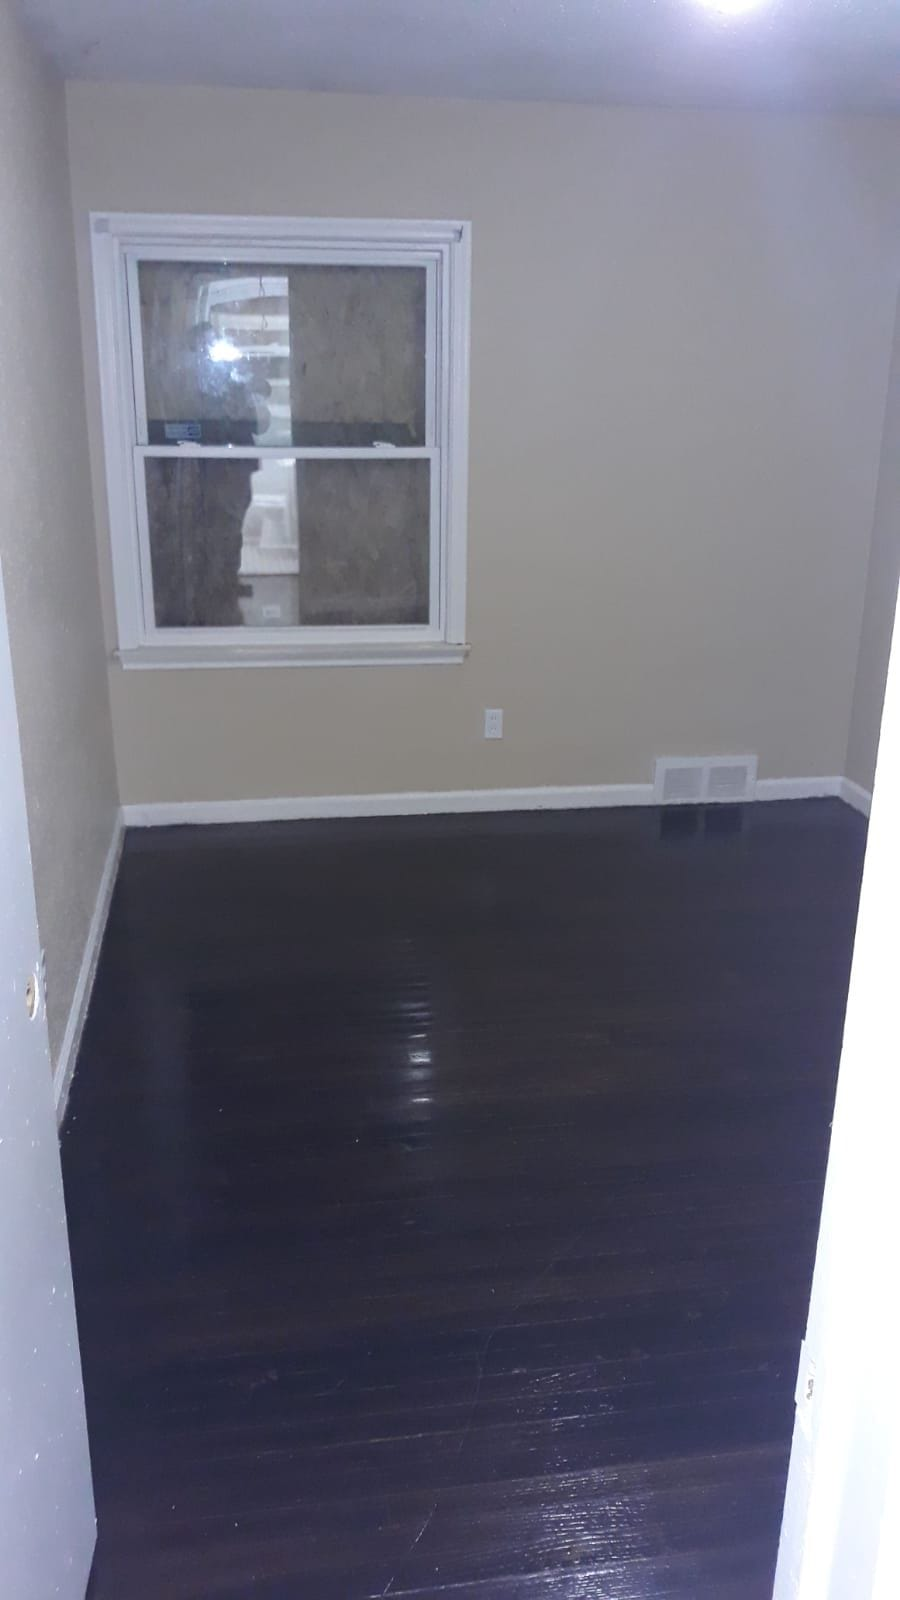 17136 Stout St Detroit MI 48219 Rehab - Sunrise Home improvements - cashflowpositive.com